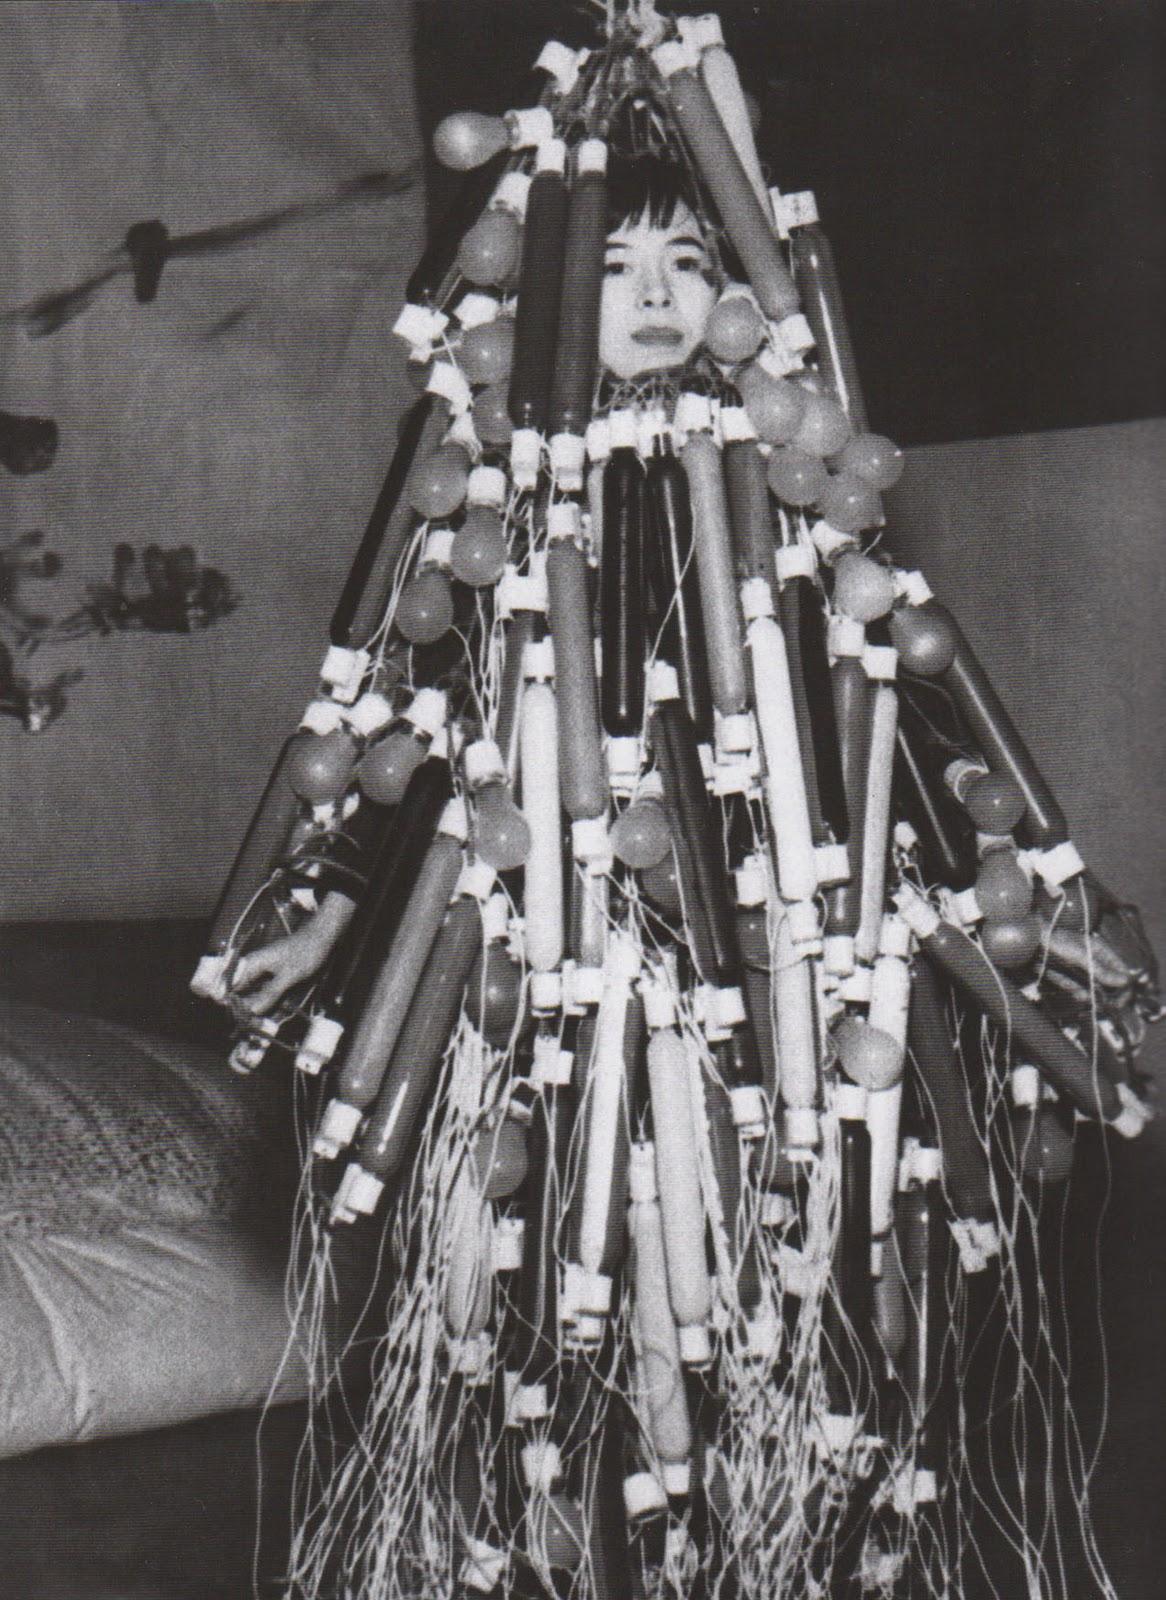 a u r a: atsuko tanaka - the electric dress